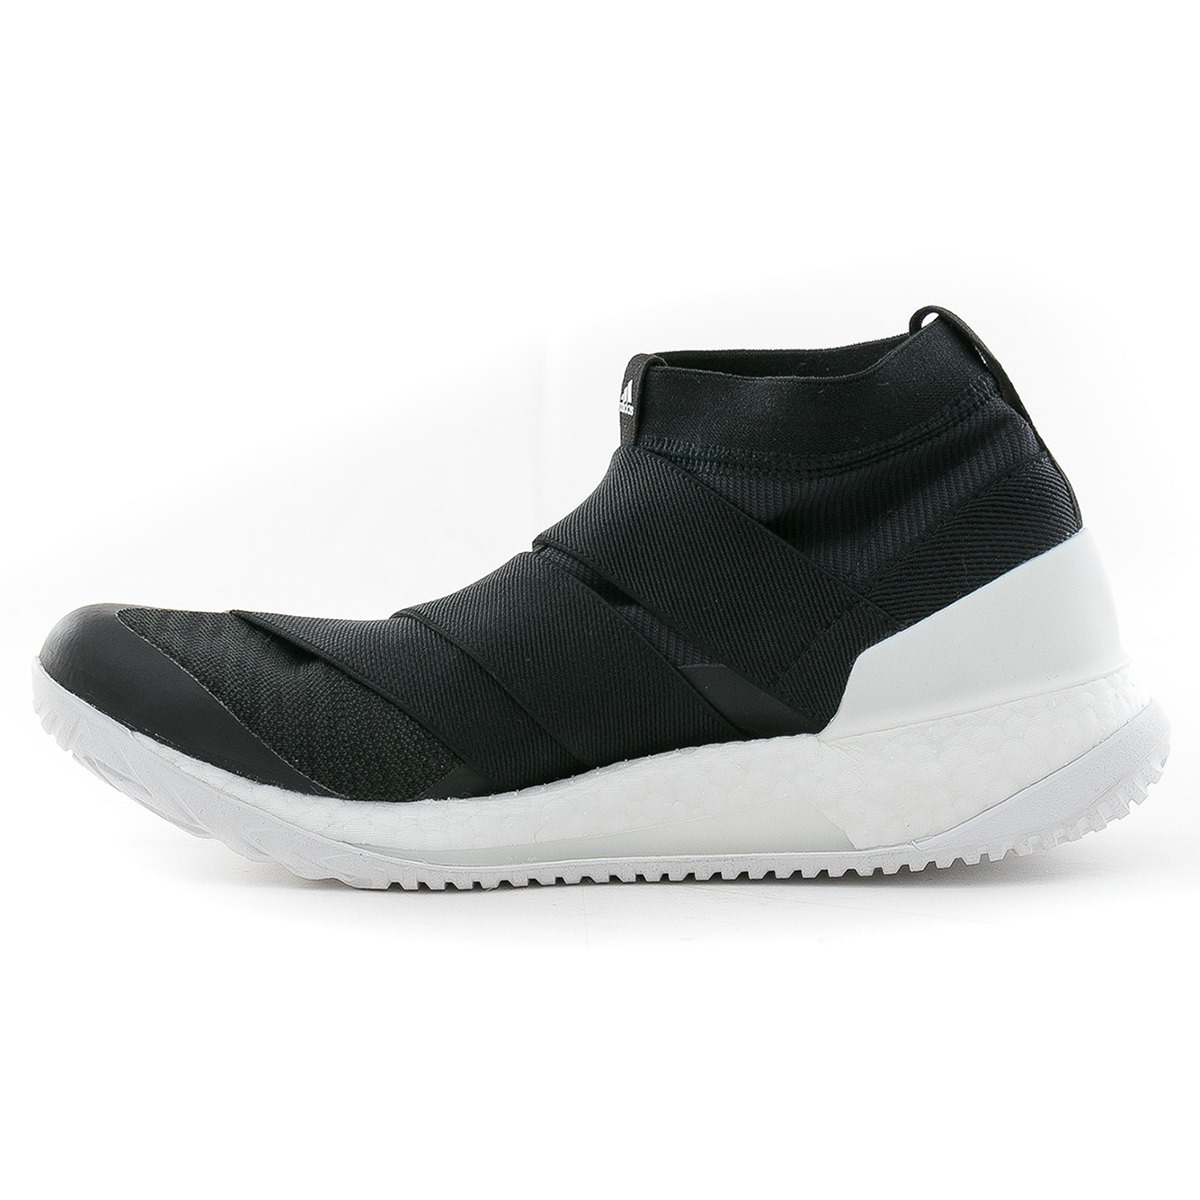 dce64494a7800 zapatillas pureboost x tr 3.0 ll negro adidas. Cargando zoom.